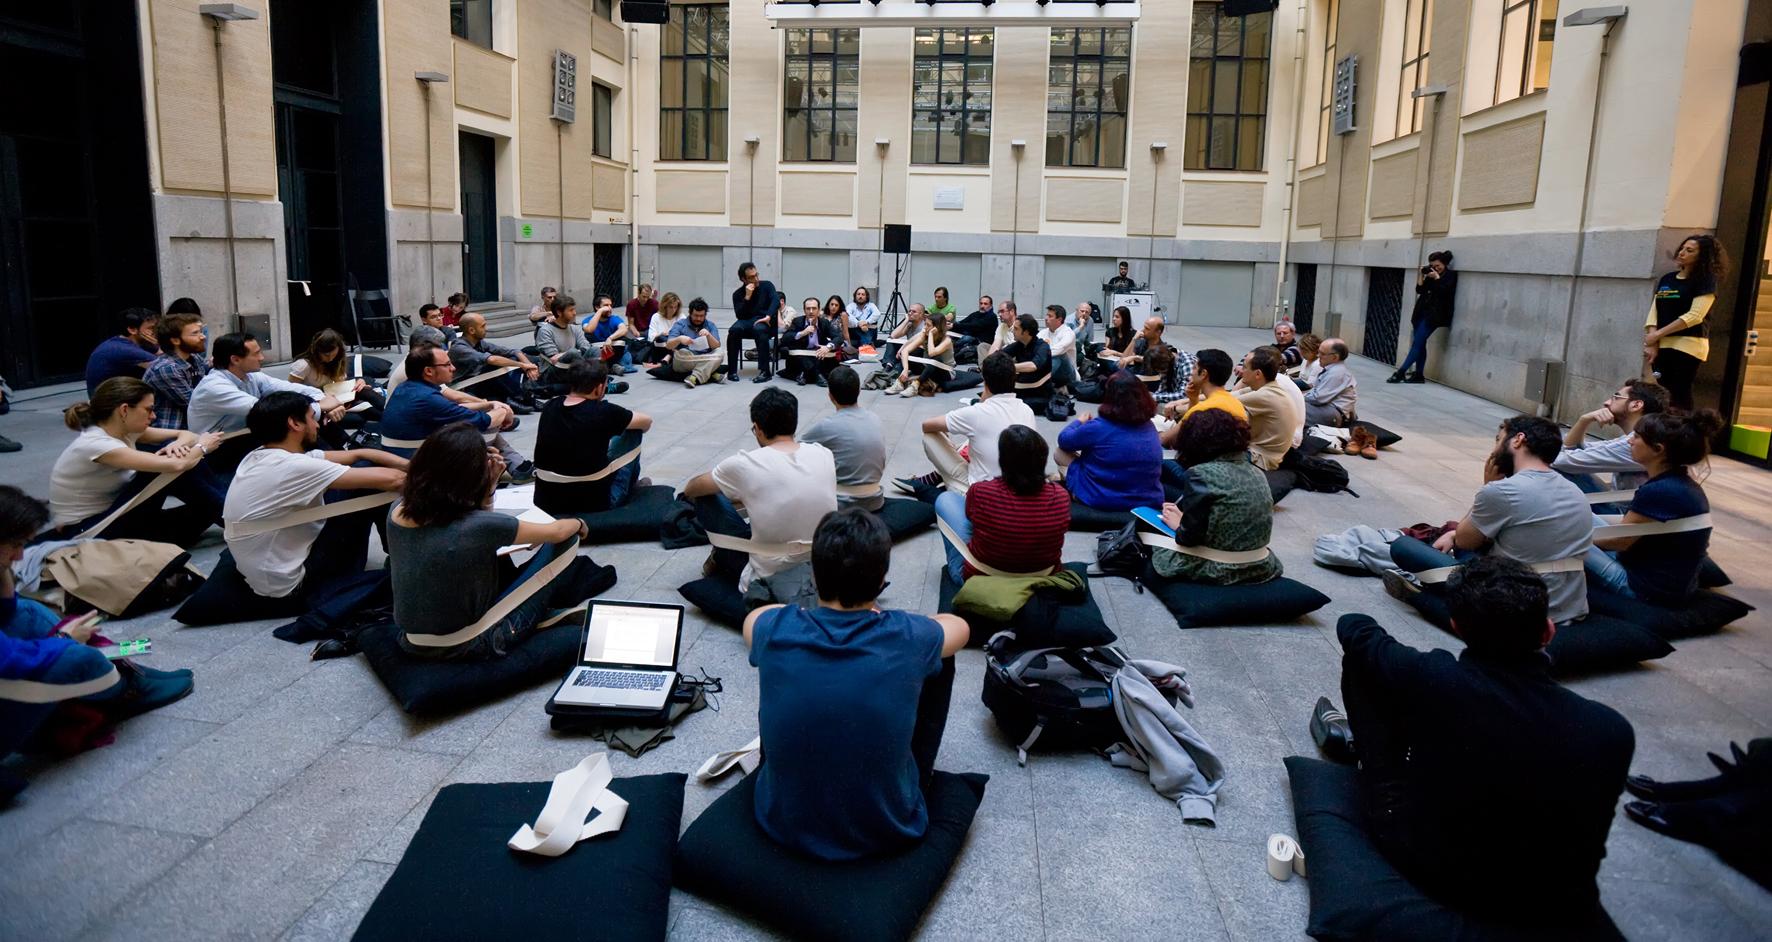 vic encuentros empoderamiento urbano 6ciudades